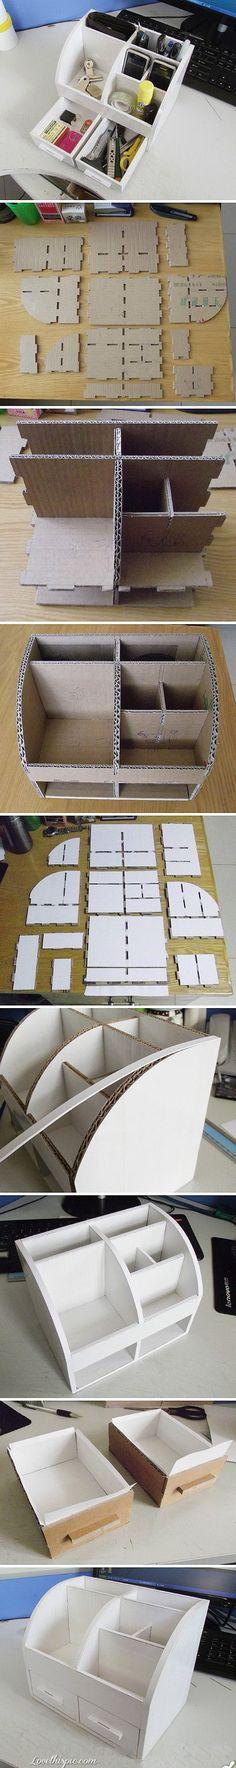 DIY karton Organizer